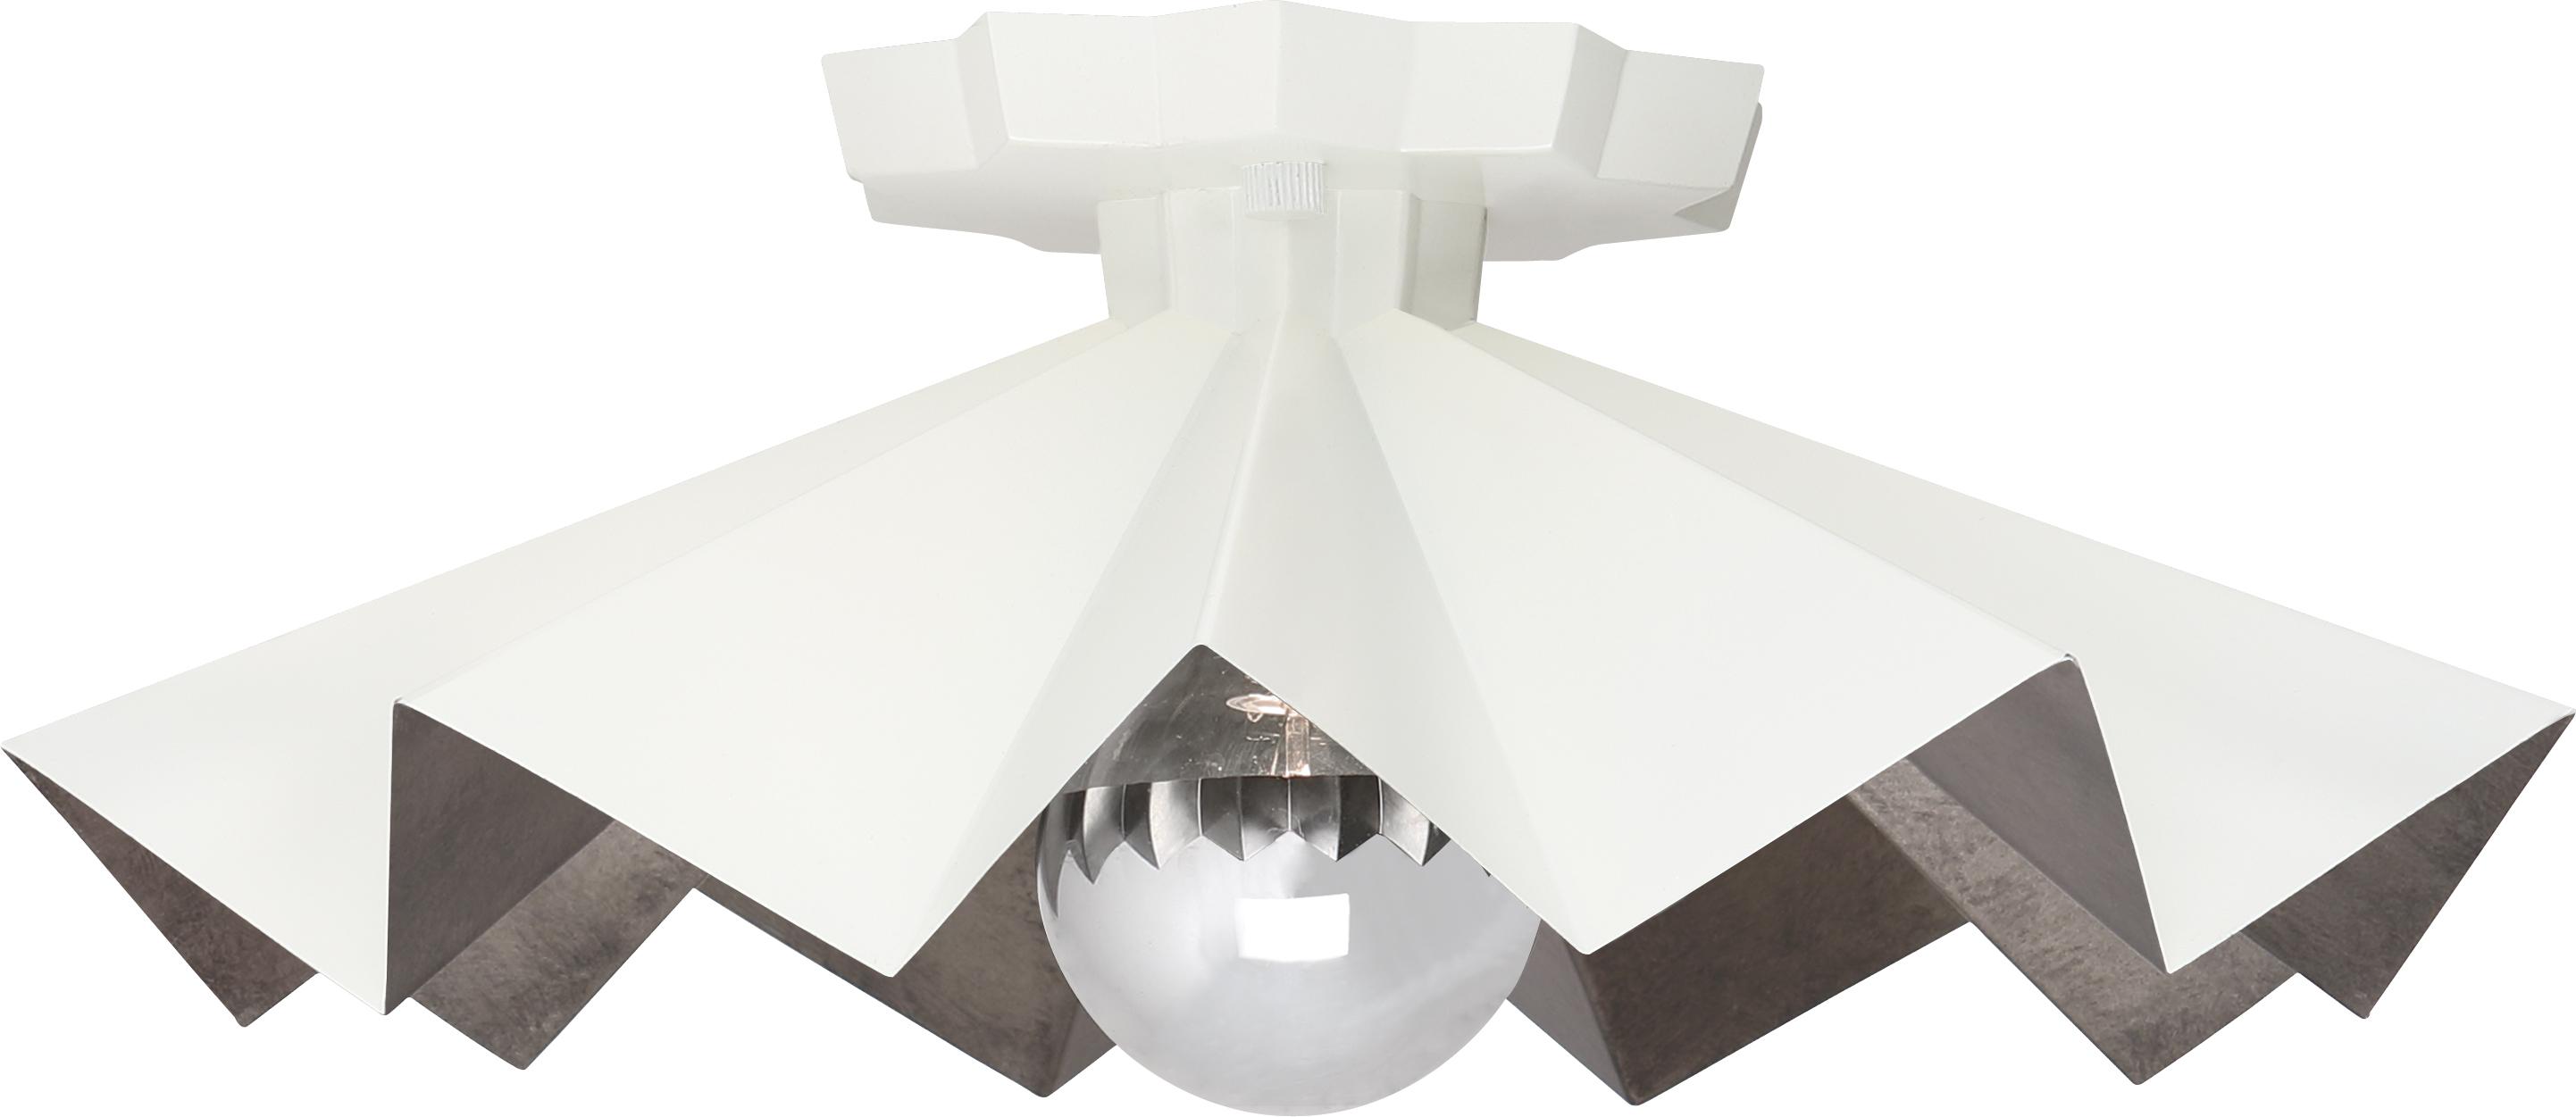 Bat Ceiling Light Fixture By Robert Abbey